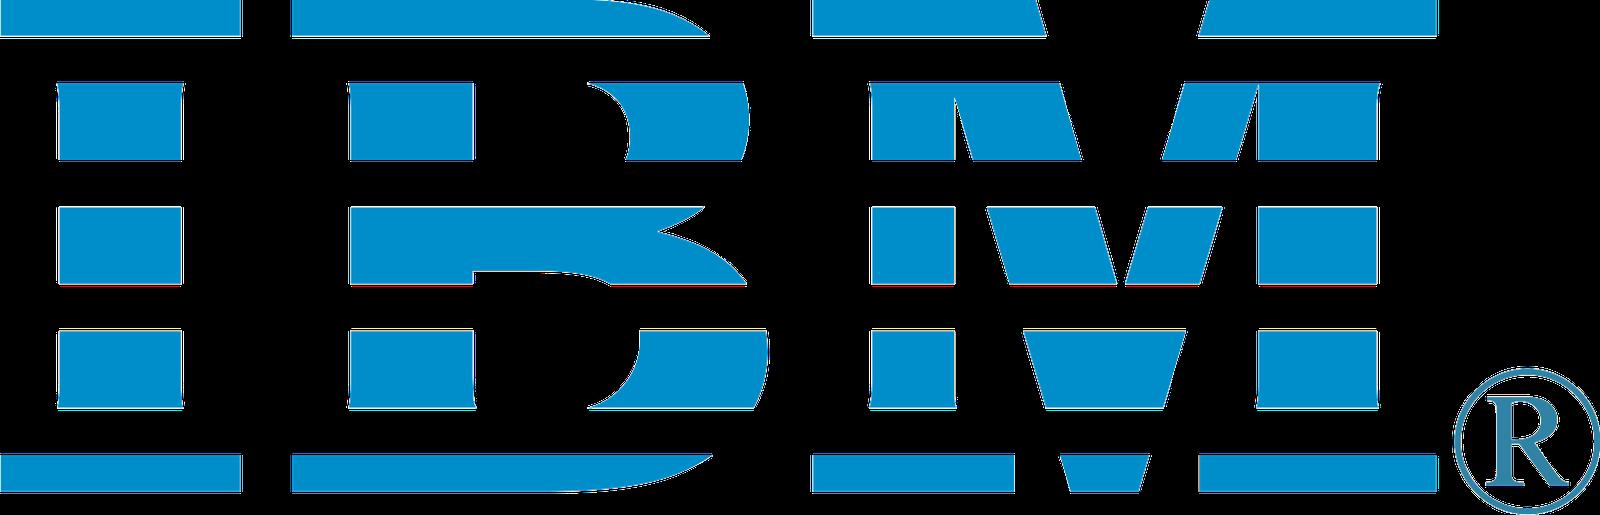 Descargar Idioma Espanol Corel Draw X7 Bagas31 Staffinfo